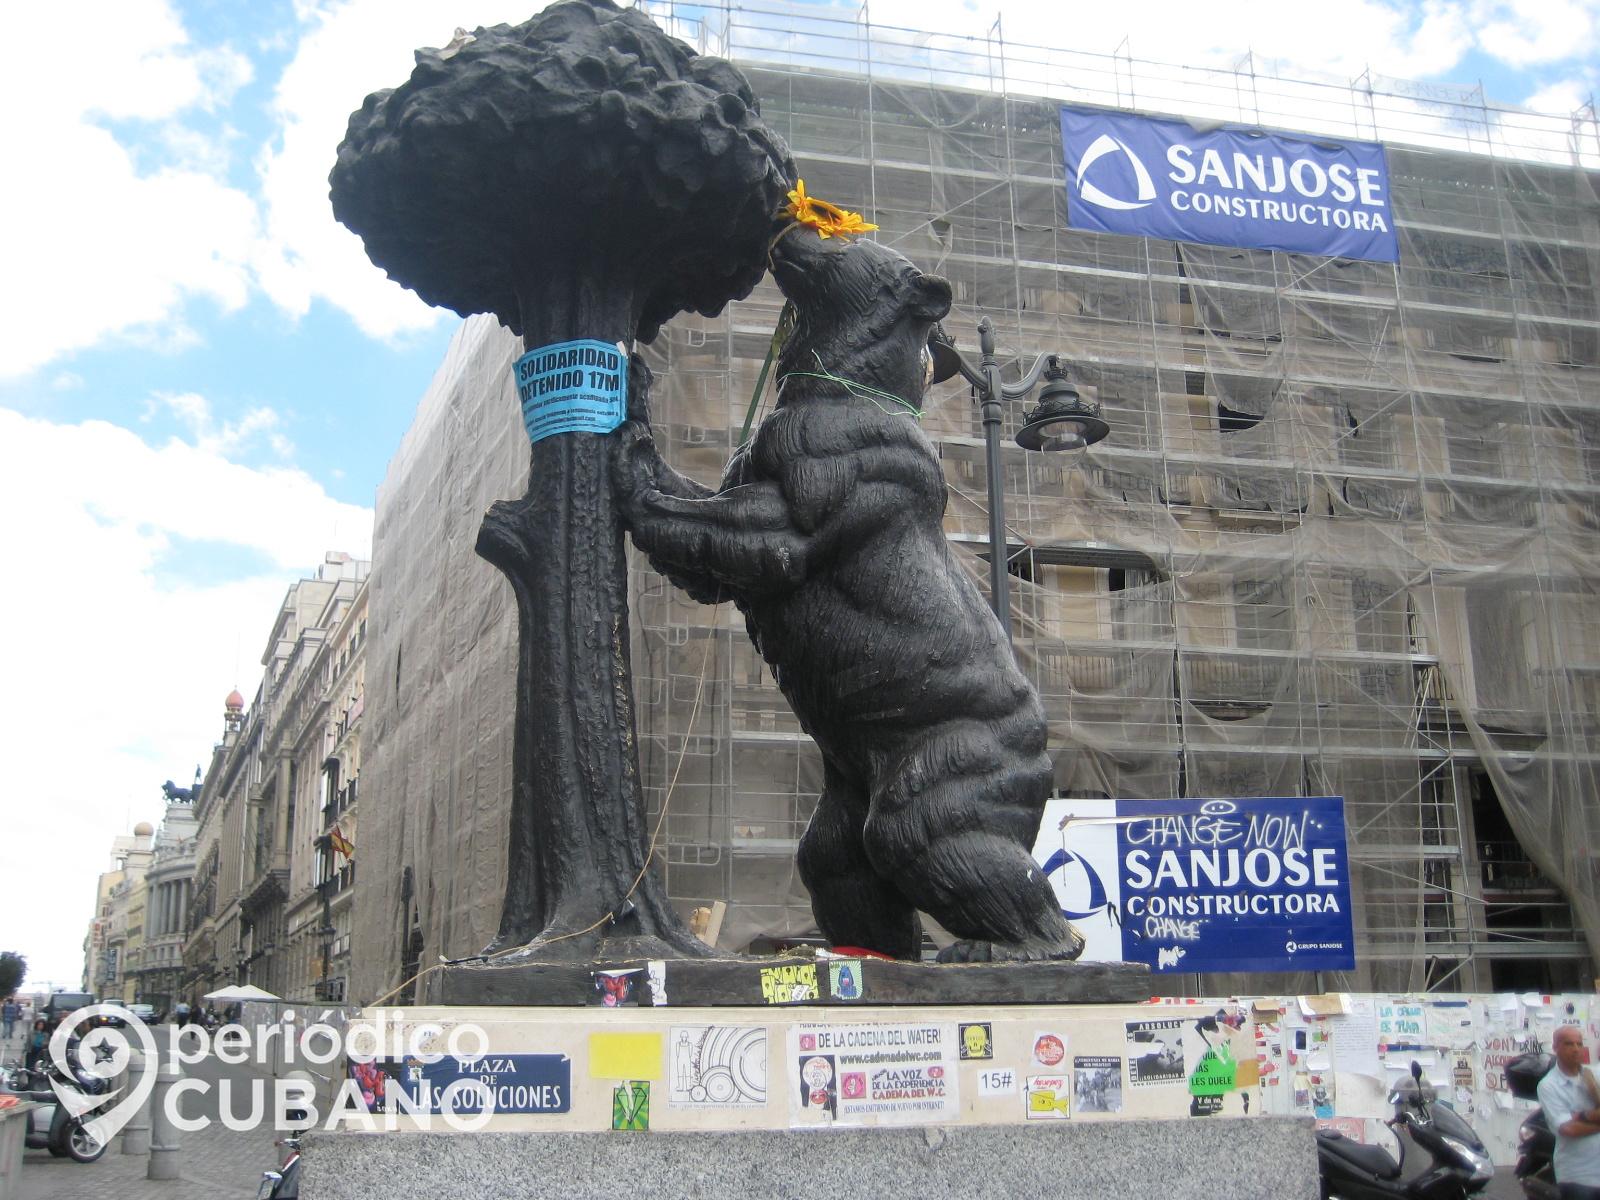 el oso y el Madroño en plaza de sol durante la protesta de los indignados en 2011